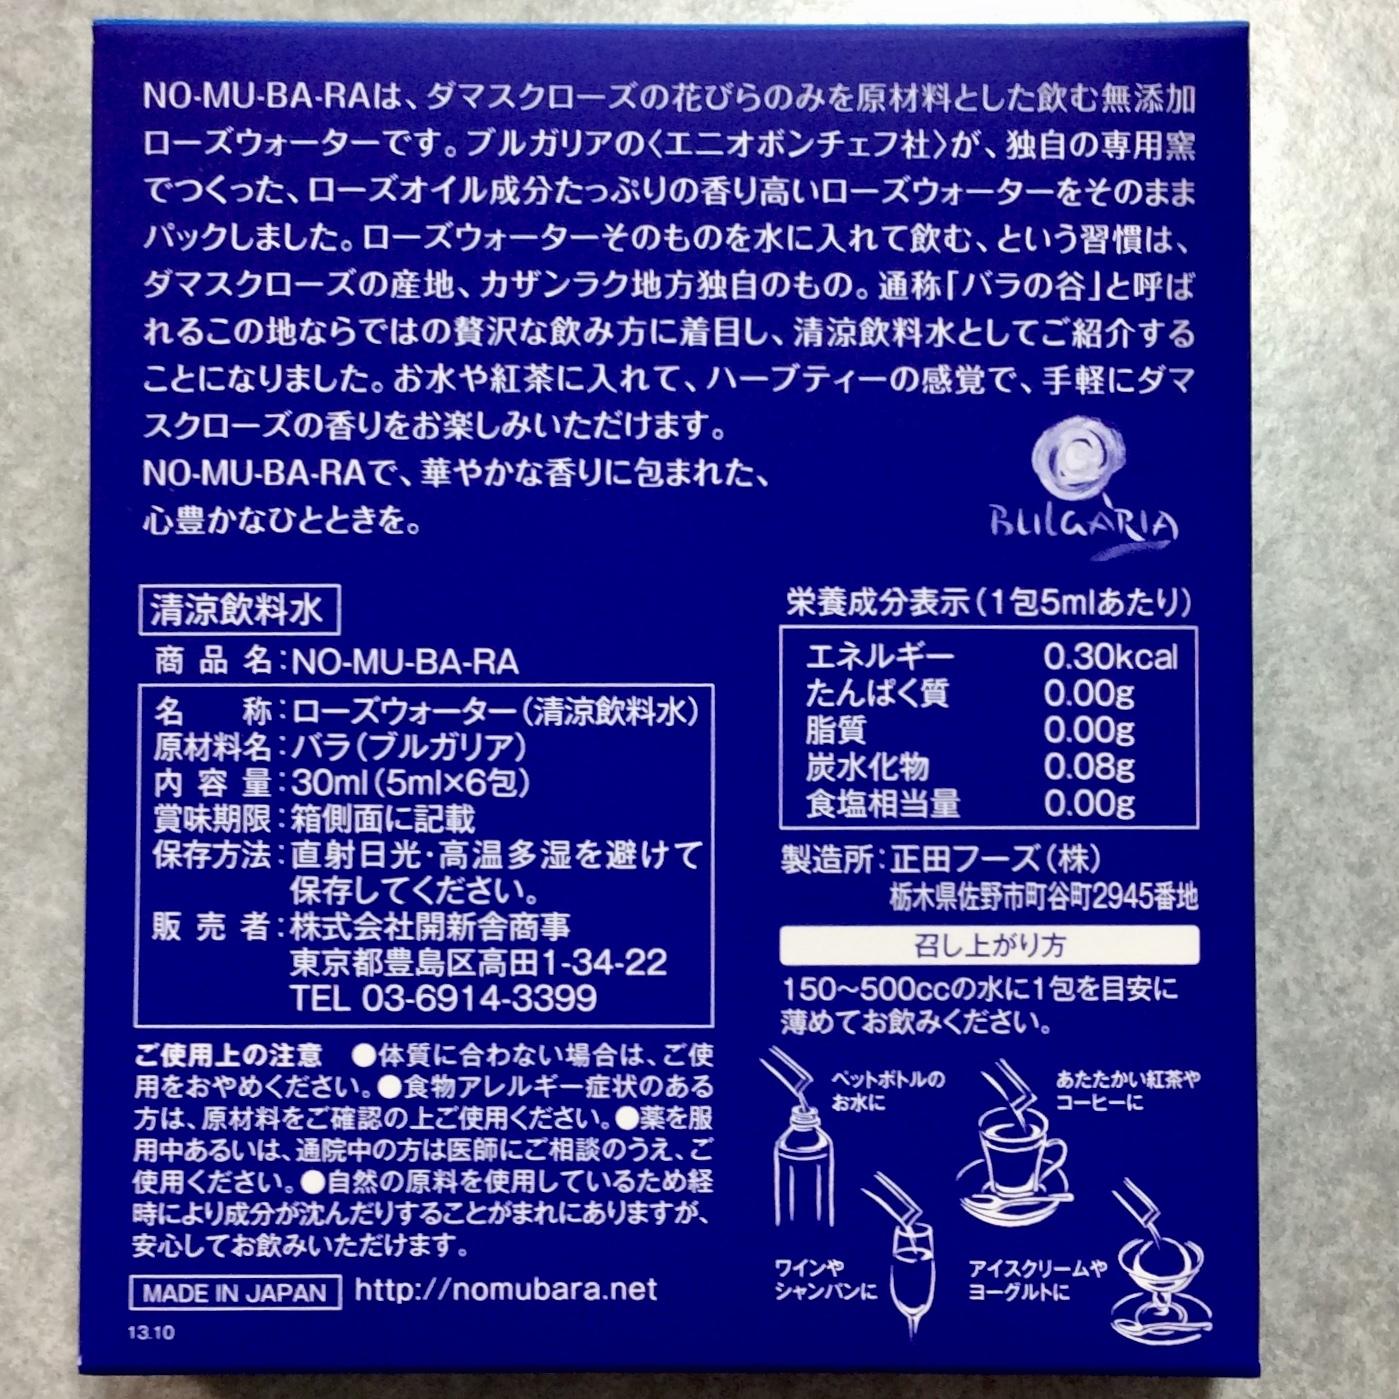 0ADBCD20-2C70-44A0-B3CA-3E9F575F6D72.jpeg